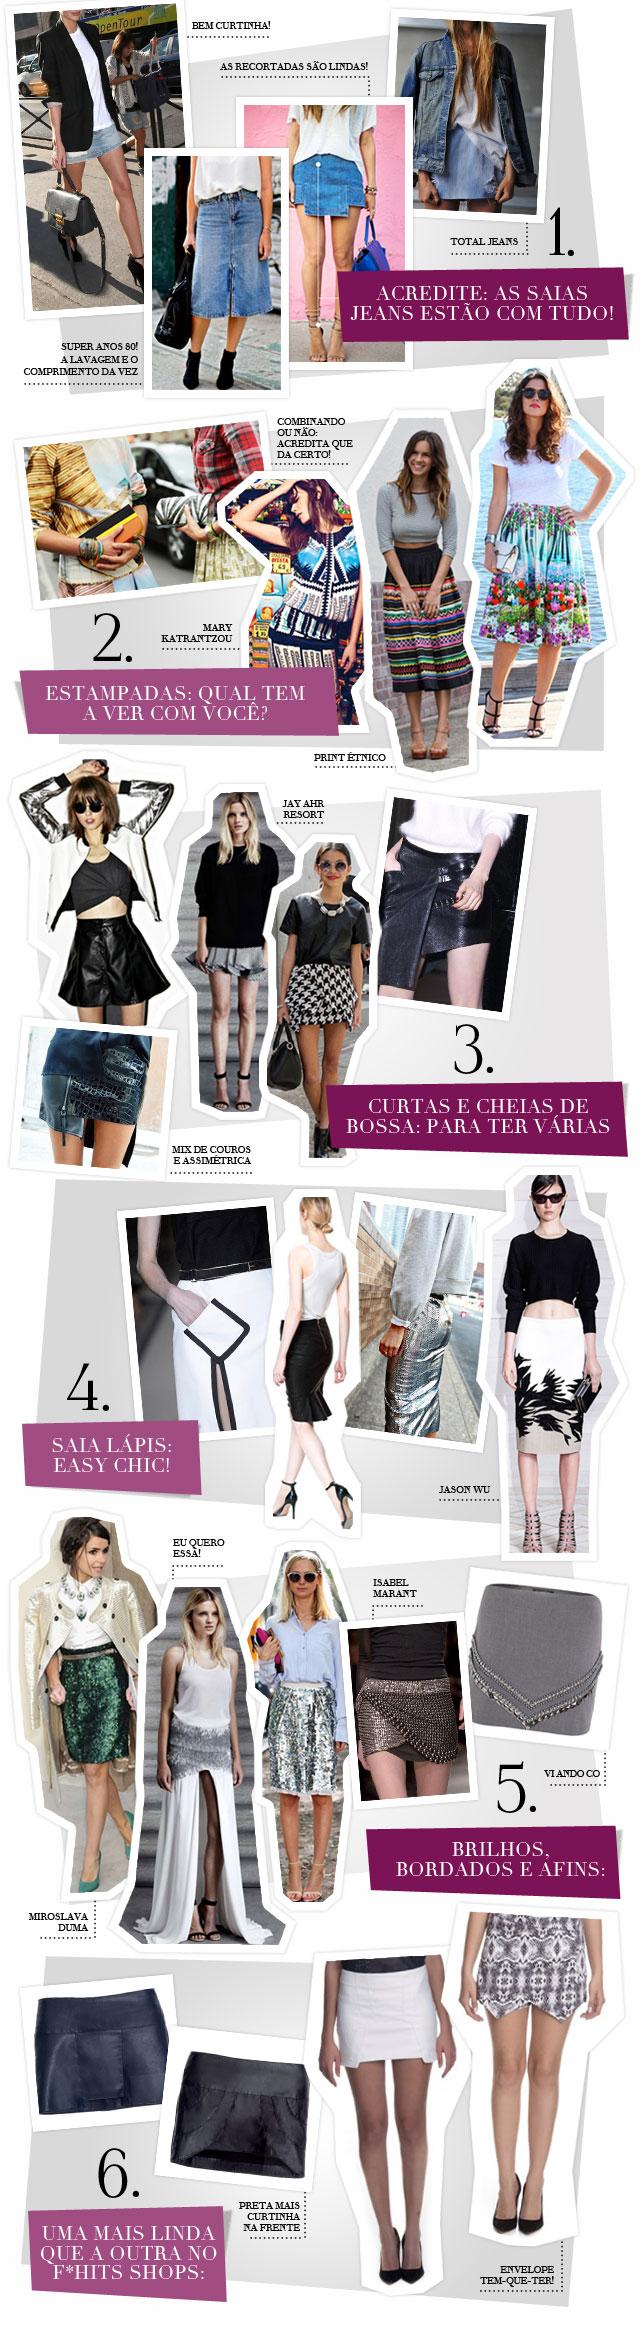 blog-da-alice-ferraz-saias-moda-tendencia